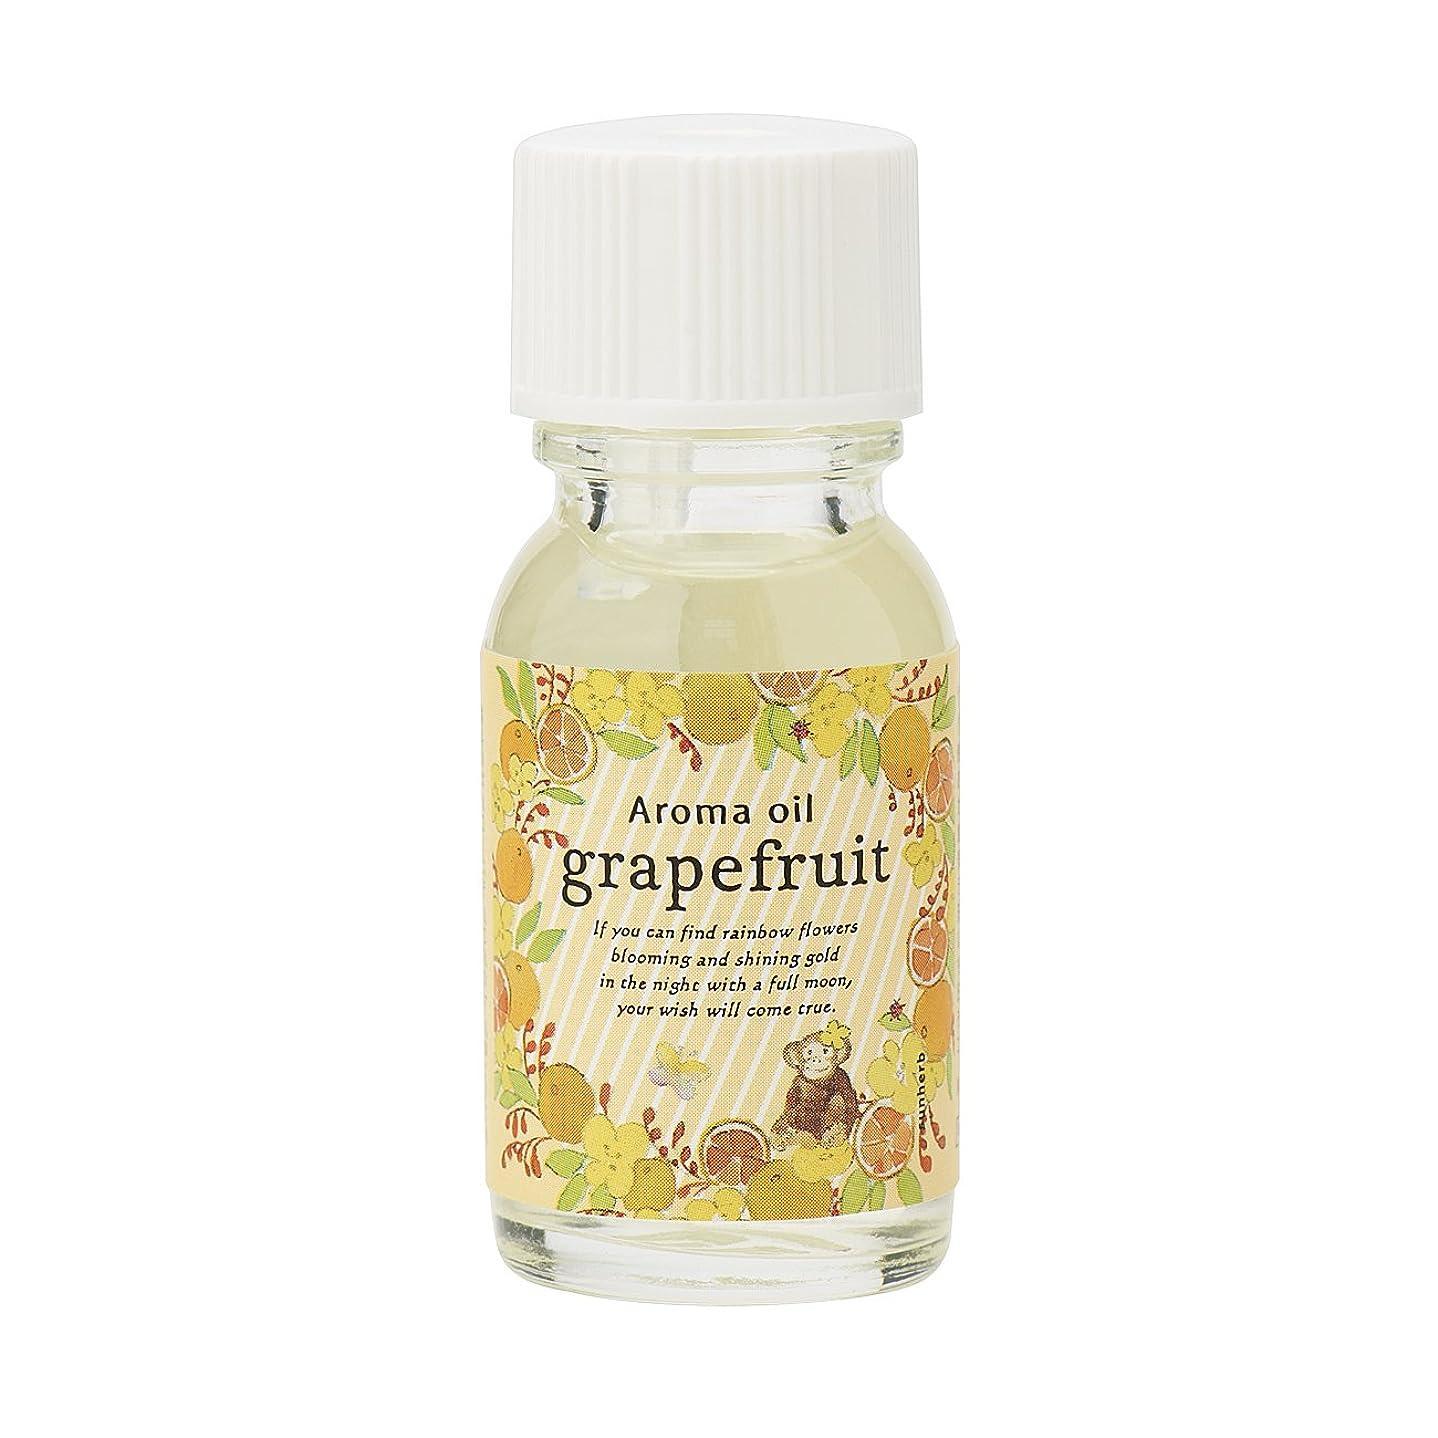 憧れ彼自身消毒するサンハーブ アロマオイル グレープフルーツ 13ml(シャキっとまぶしい柑橘系の香り)